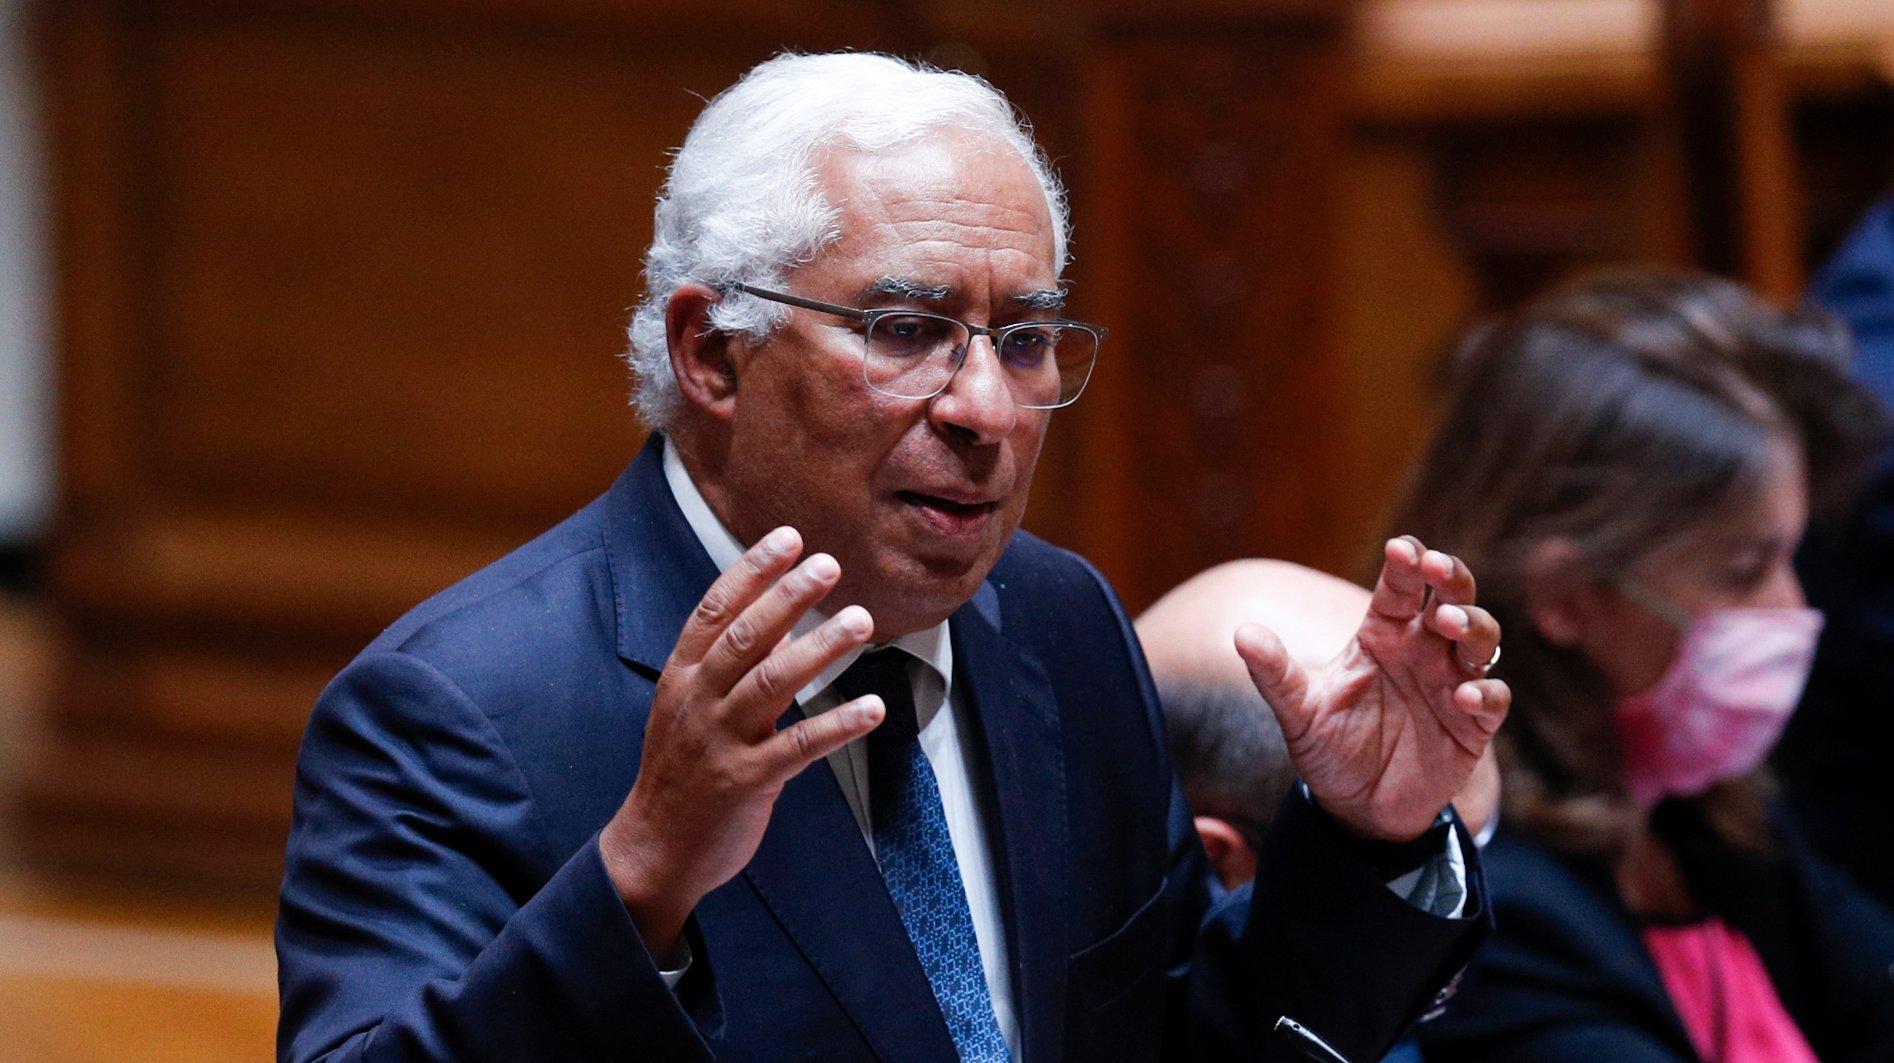 O primeiro-ministro, António Costa, intervém durante o debate sobre política geral, que decorreu na Assembleia da República, em Lisboa, 07 de junho de 2021. ANTÓNIO COTRIM/LUSA